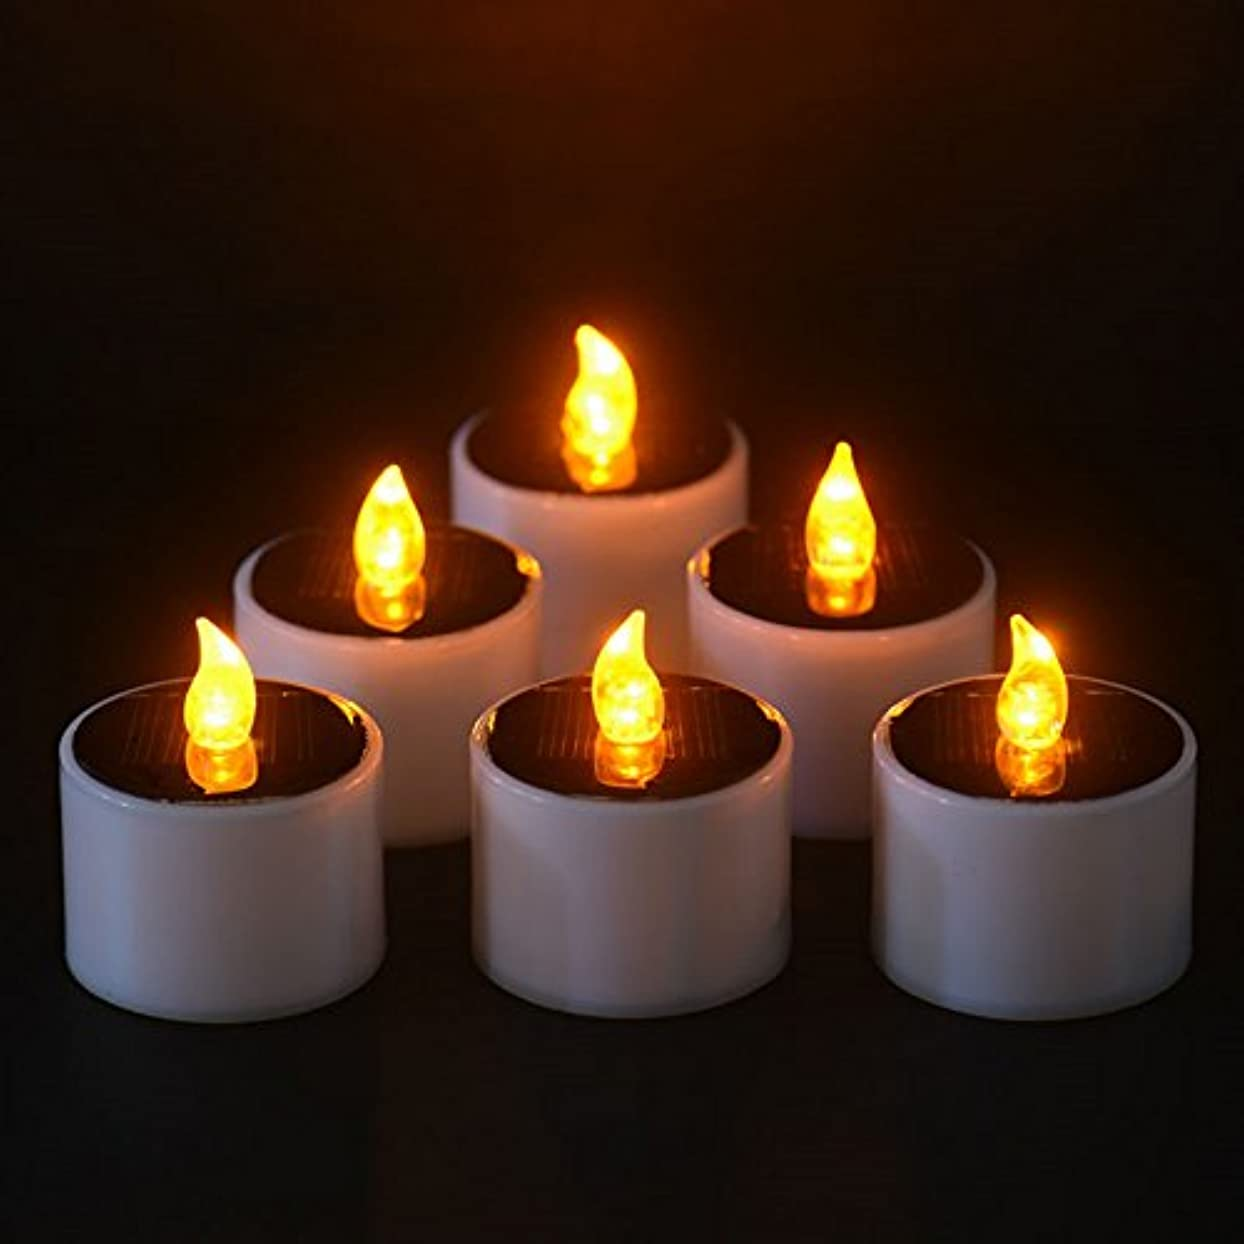 保育園苦いドックソーラーキャンドル、ソーラー電源電子常夜灯LEDキャンドルライトFlameless Tealightsちらつきキャンドル、イエロー、6個のパック